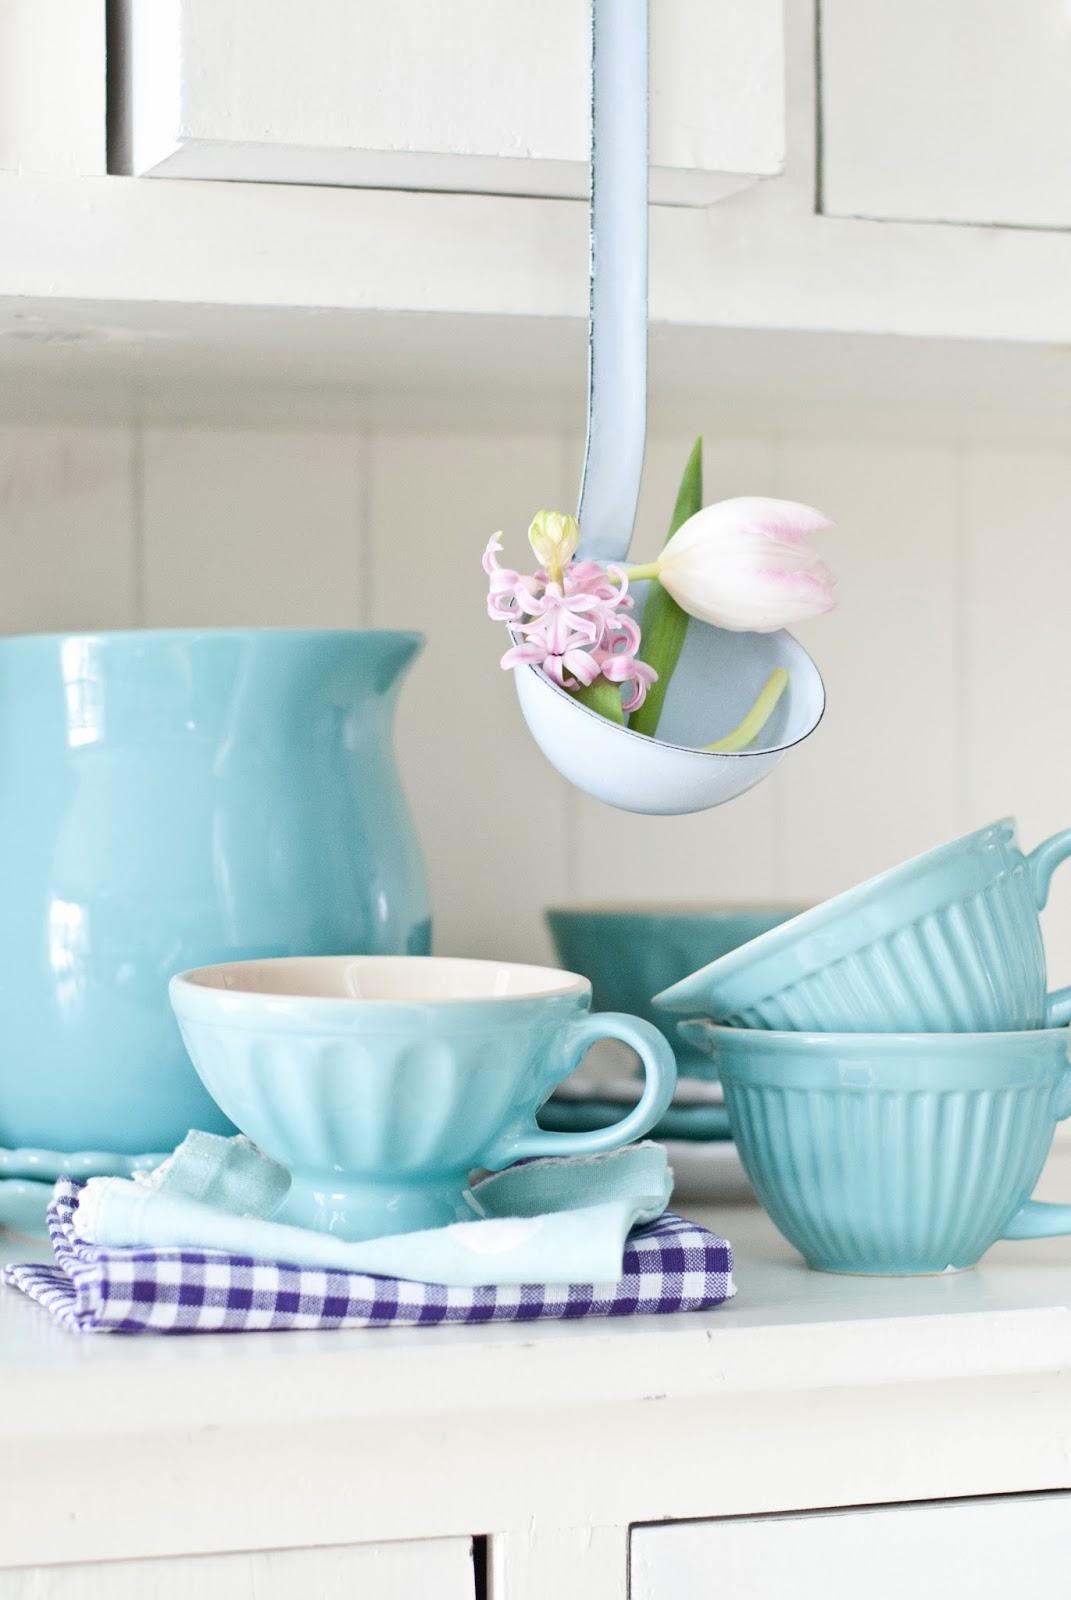 utensili da cucina azzurri